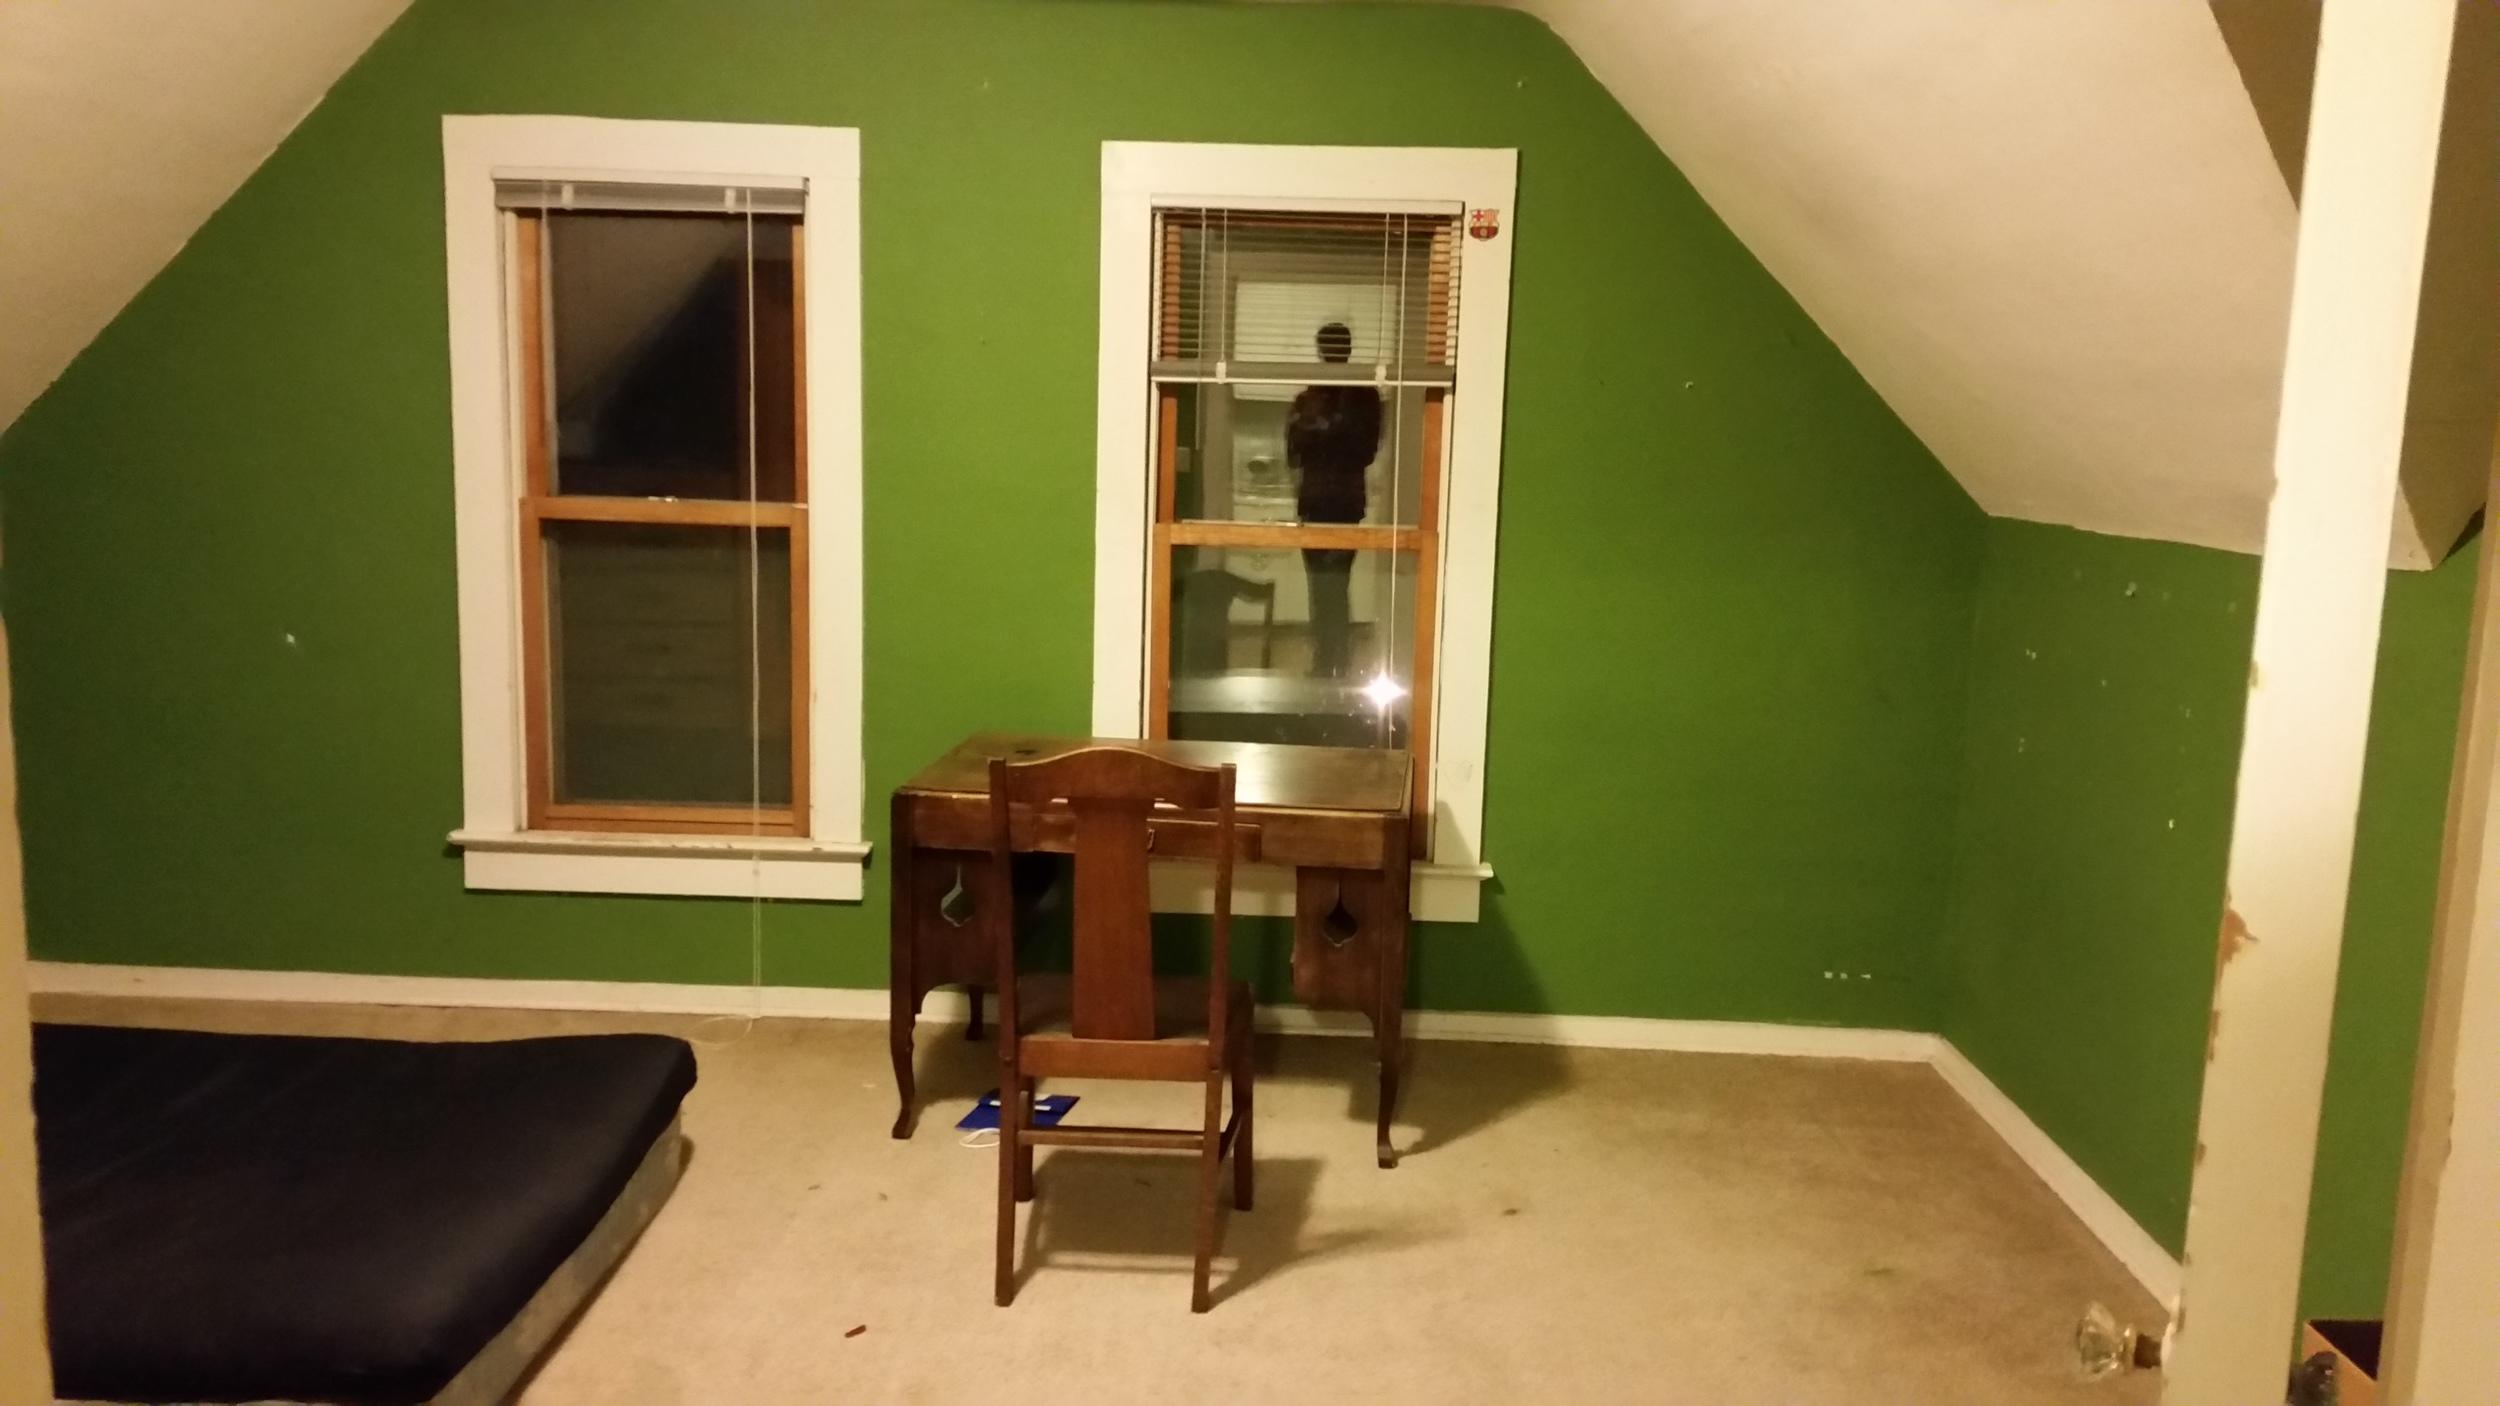 My empty bedroom in saint Peter